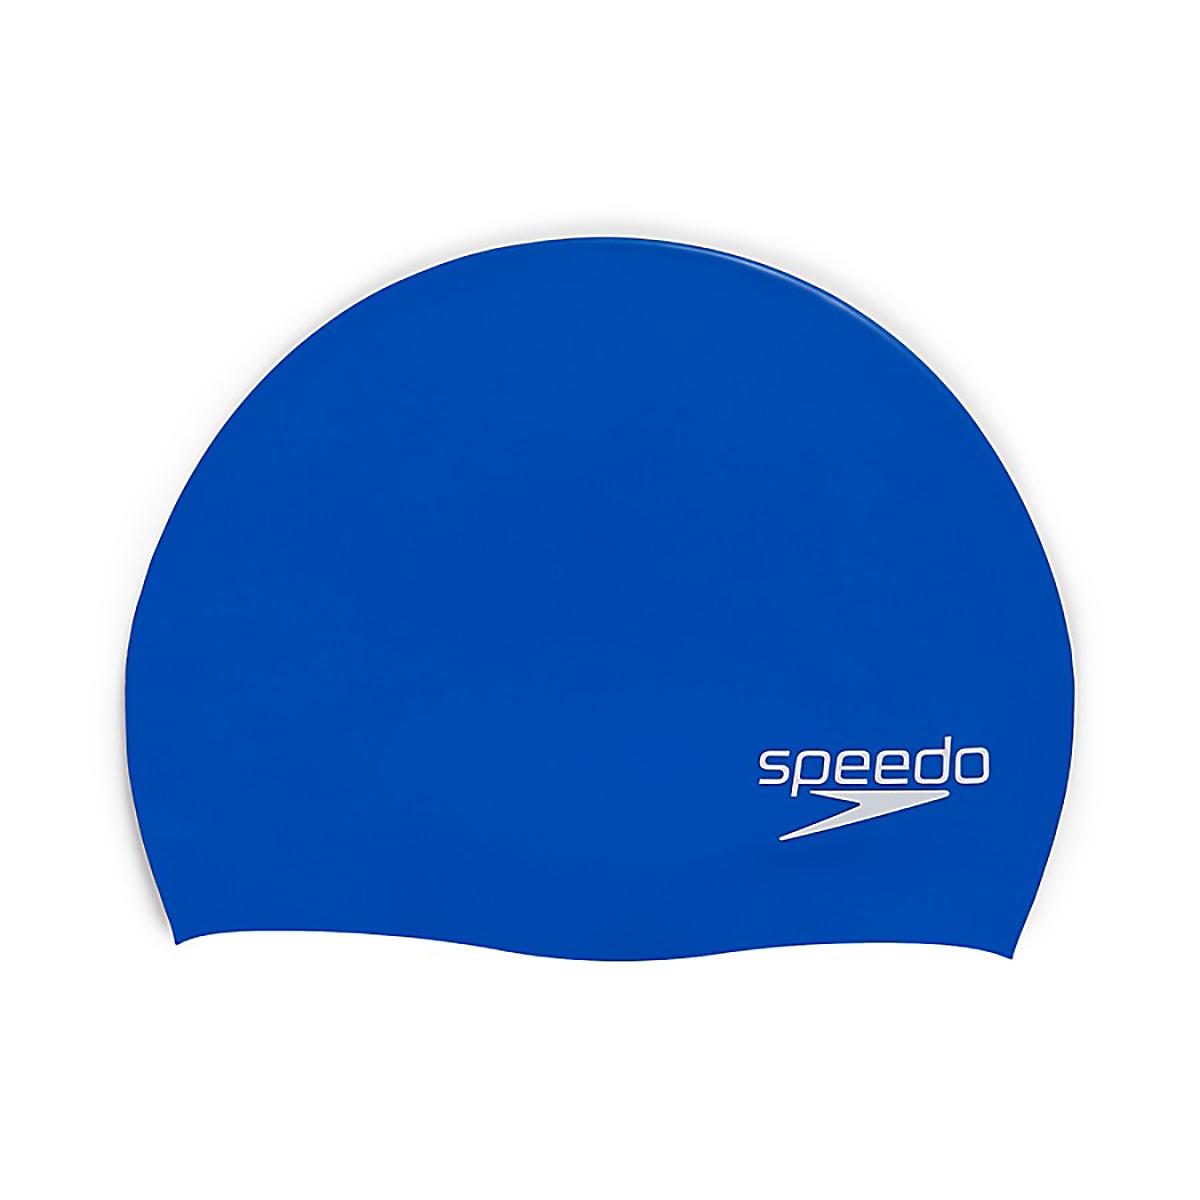 Speedo Elastomeric Solid Silicone Swim Cap - Color: Blue, Blue, large, image 1